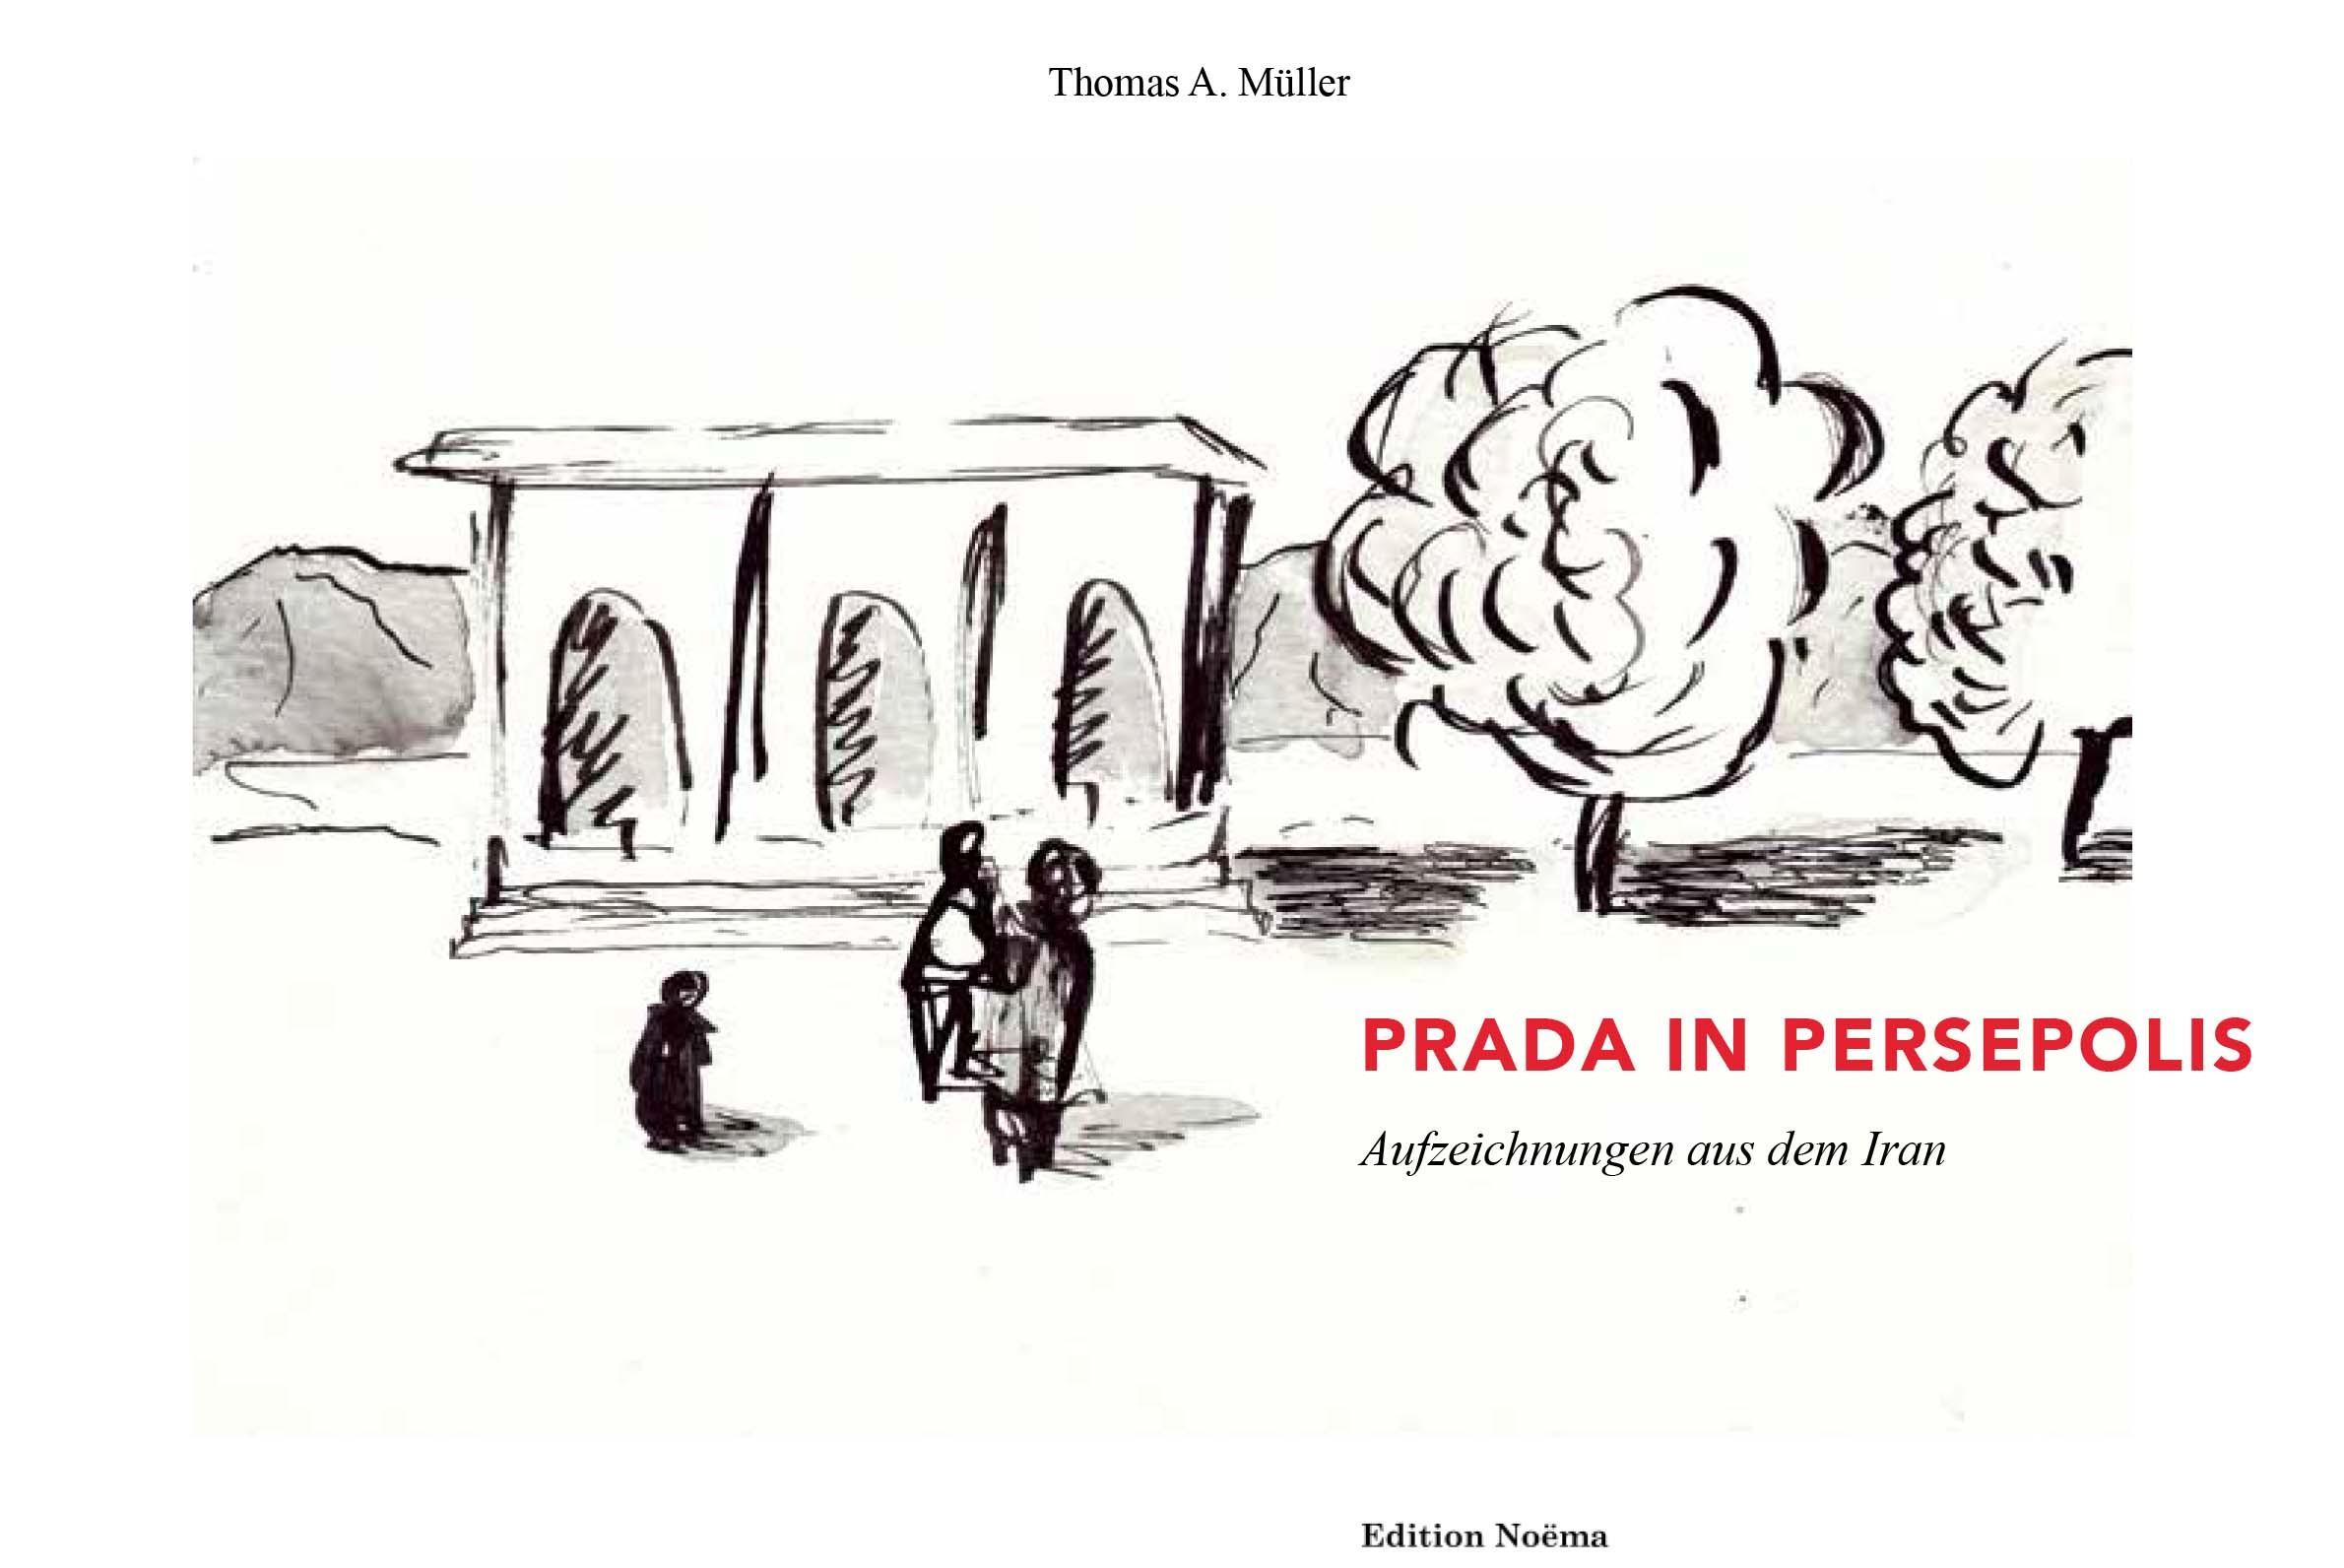 Prada in Persepolis